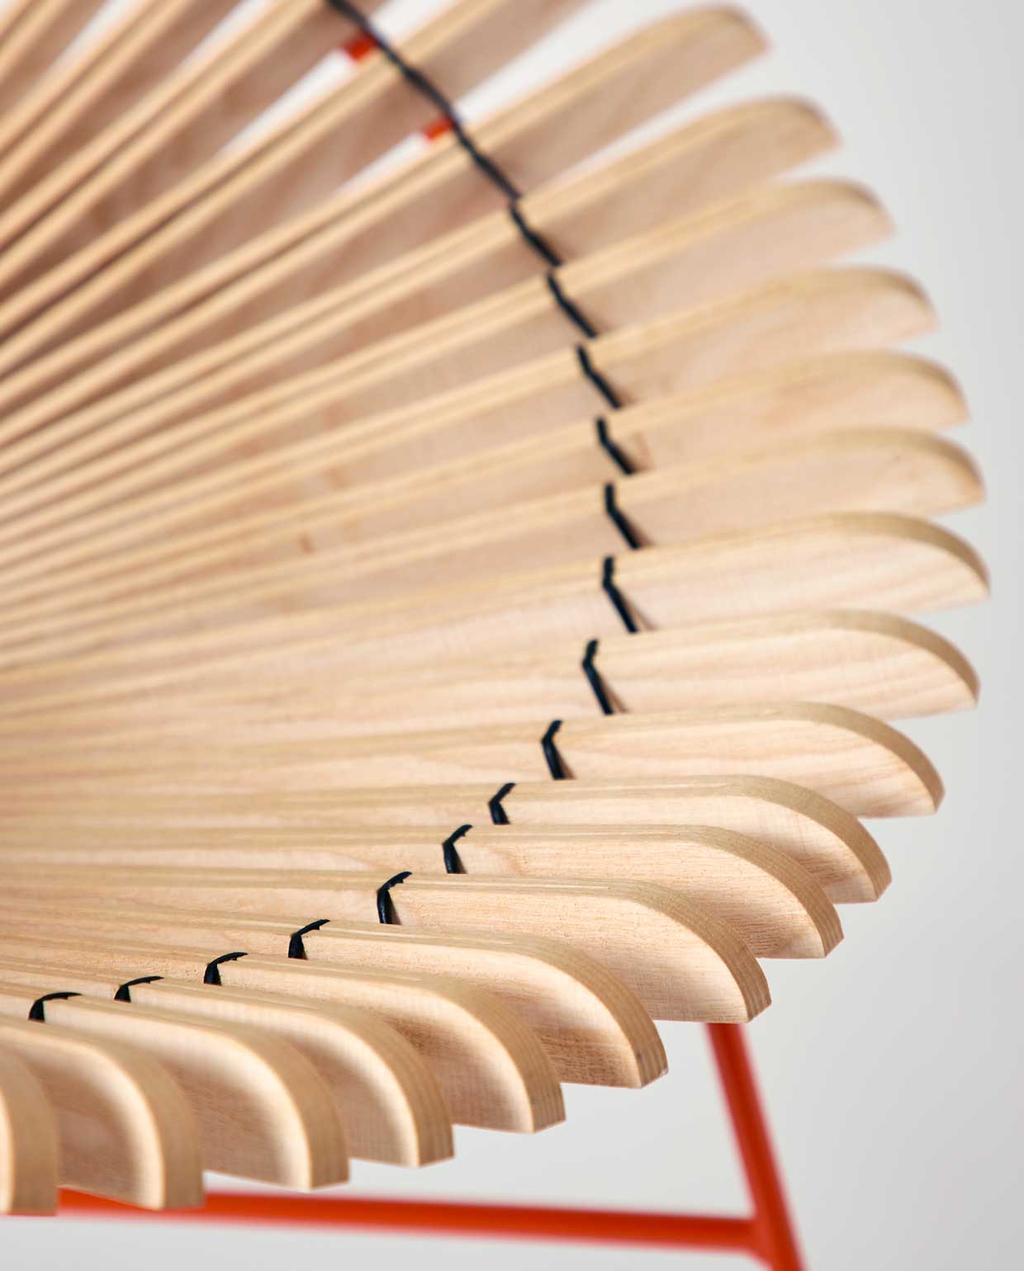 vtwonen | studentdesign | concertina-collectie | Huw Evans | details van de stoel